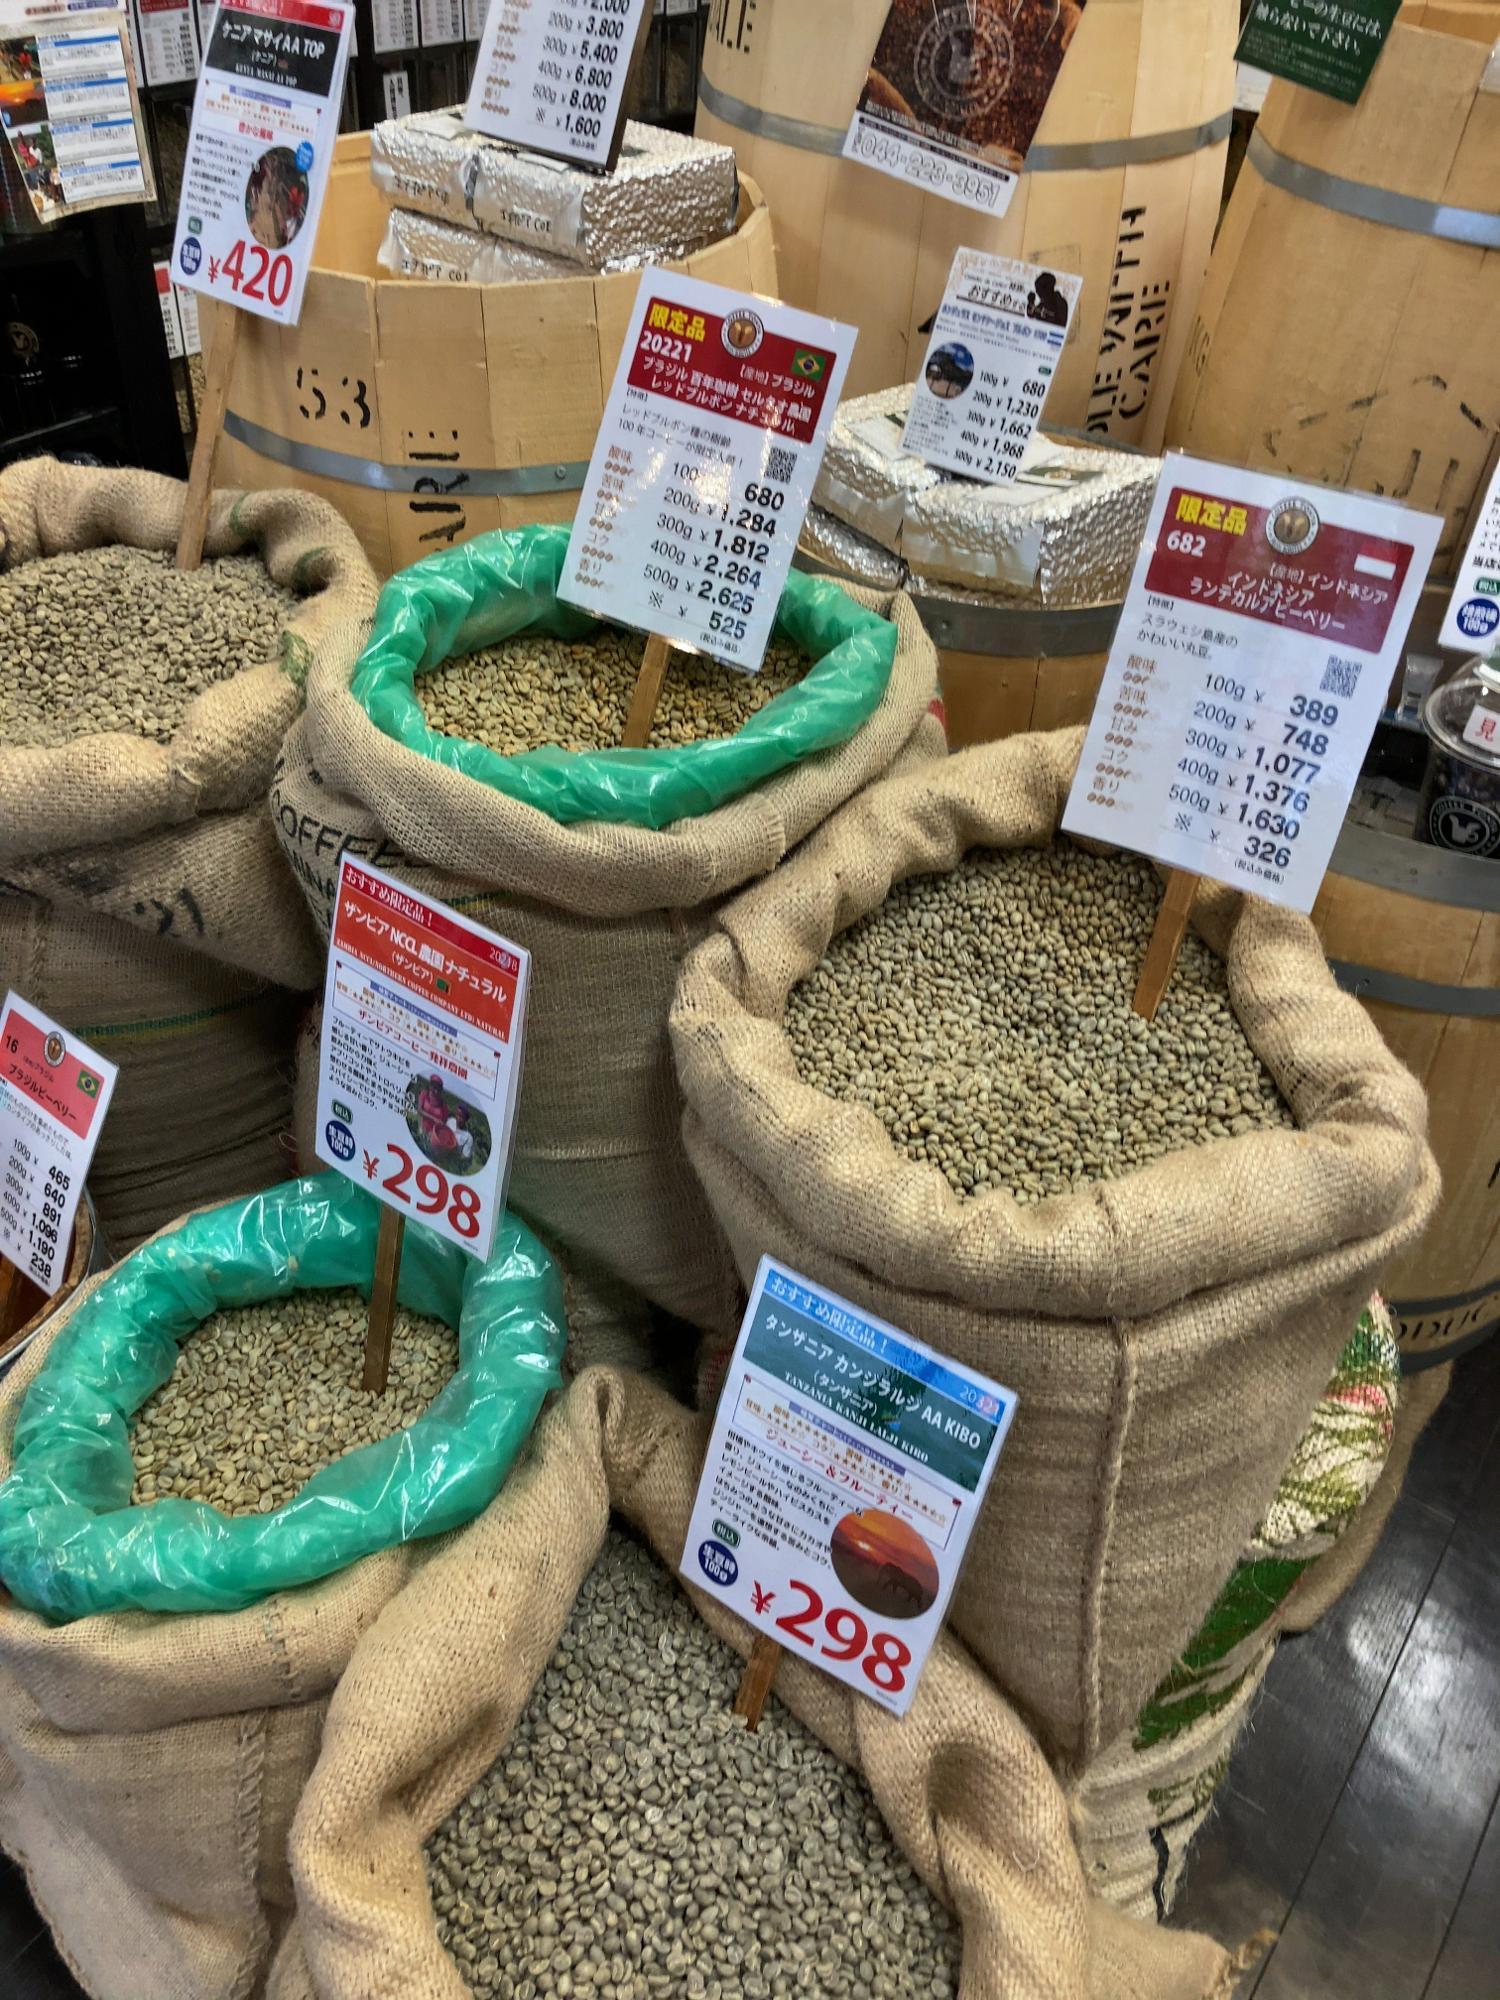 様々な原産国の豆があって選べない時は、まずは値段で決めると良いでしょう。